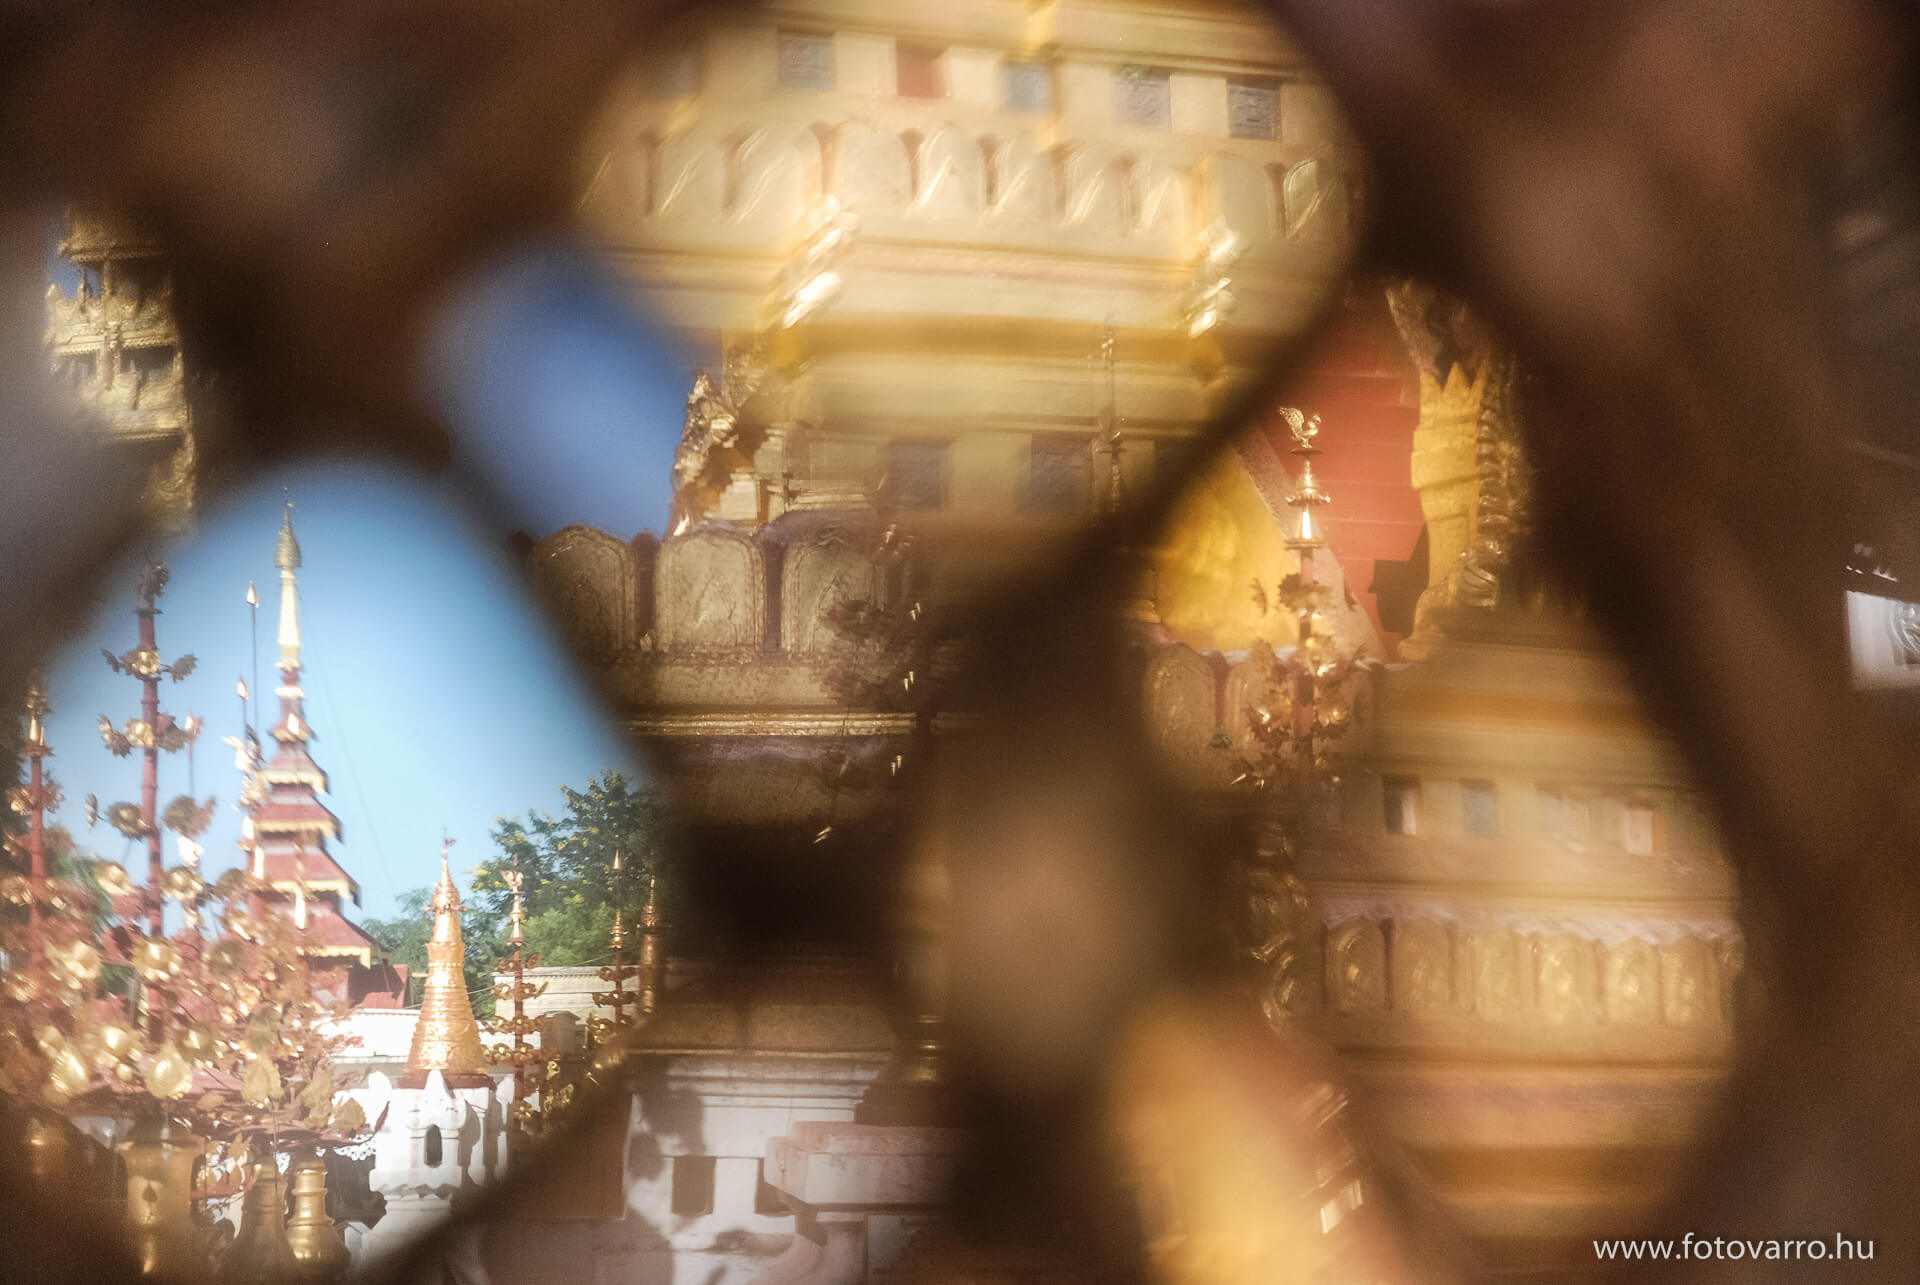 Burma_fotovarro_16